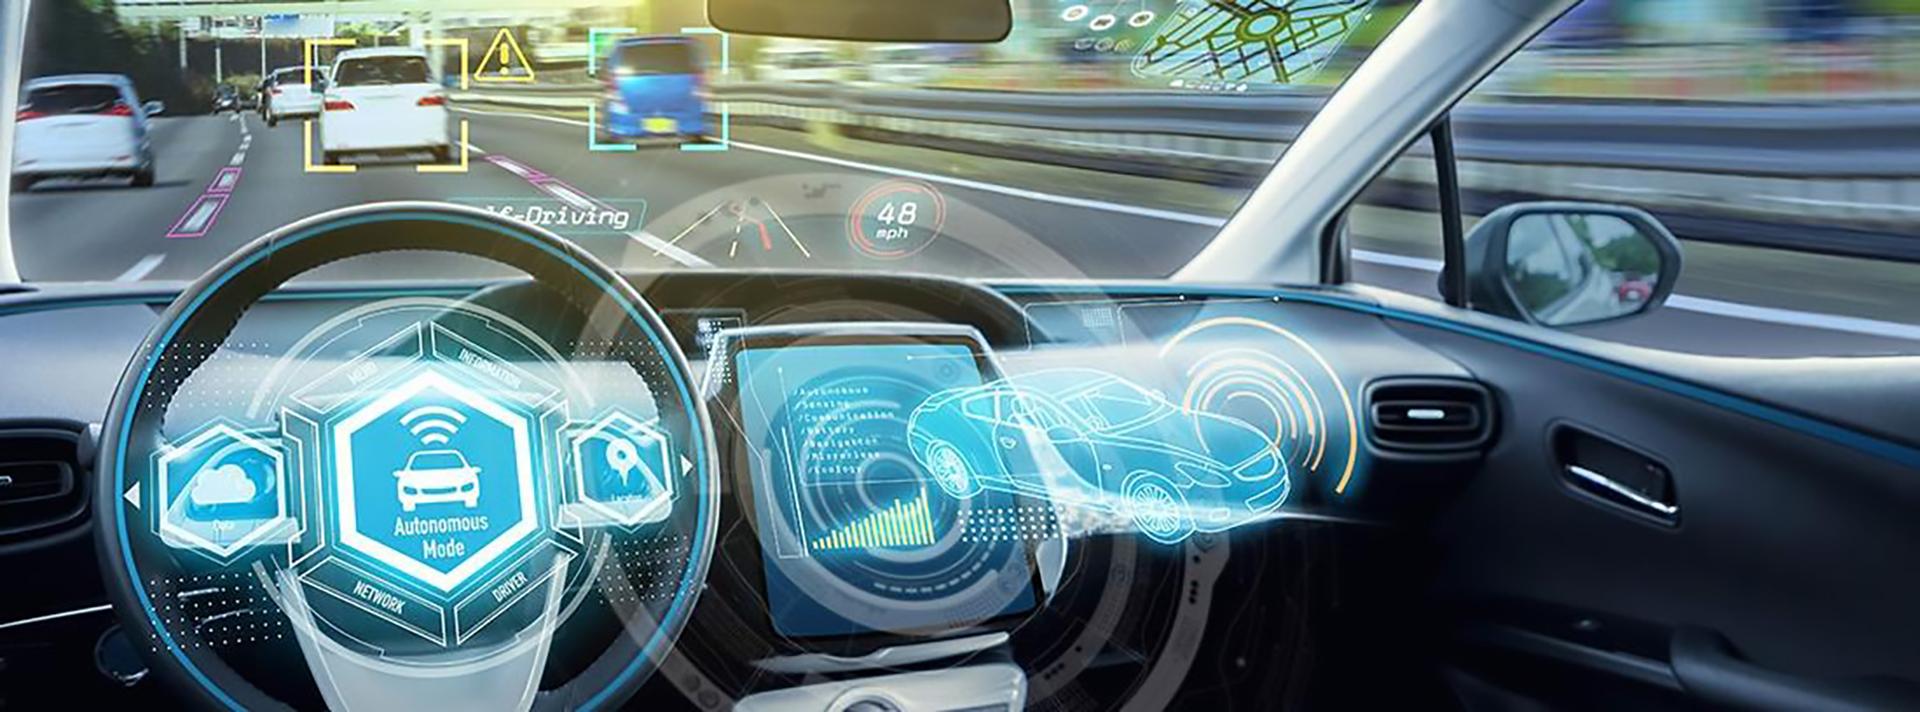 Internet of things / internet de las cosas vehiculo